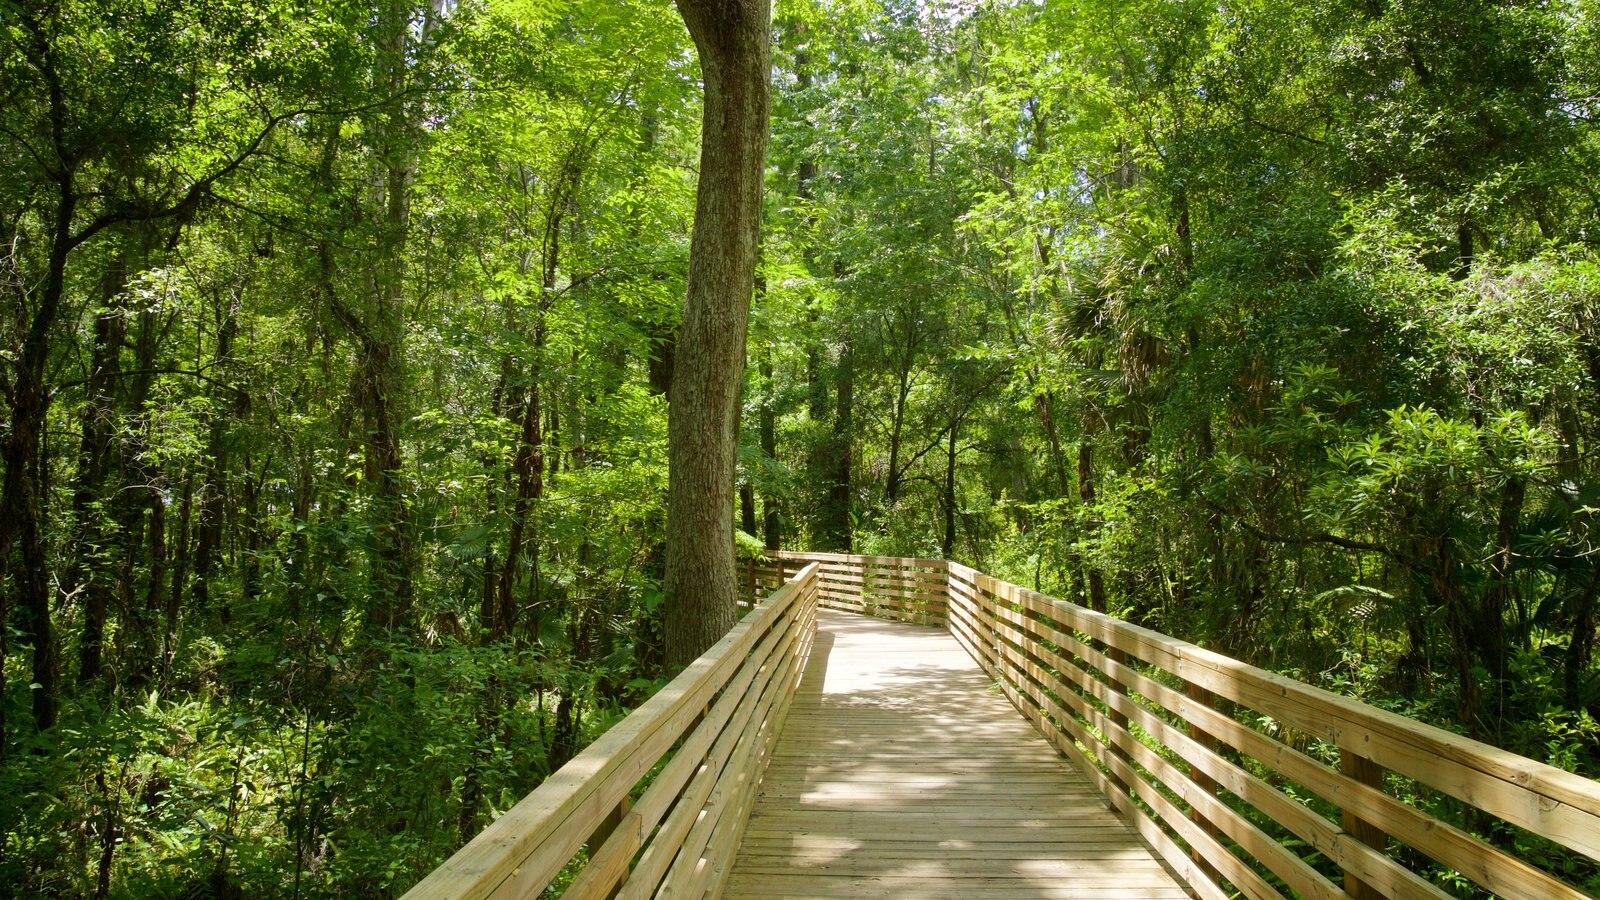 Parque regional Eureka Springs que incluye un parque y un puente